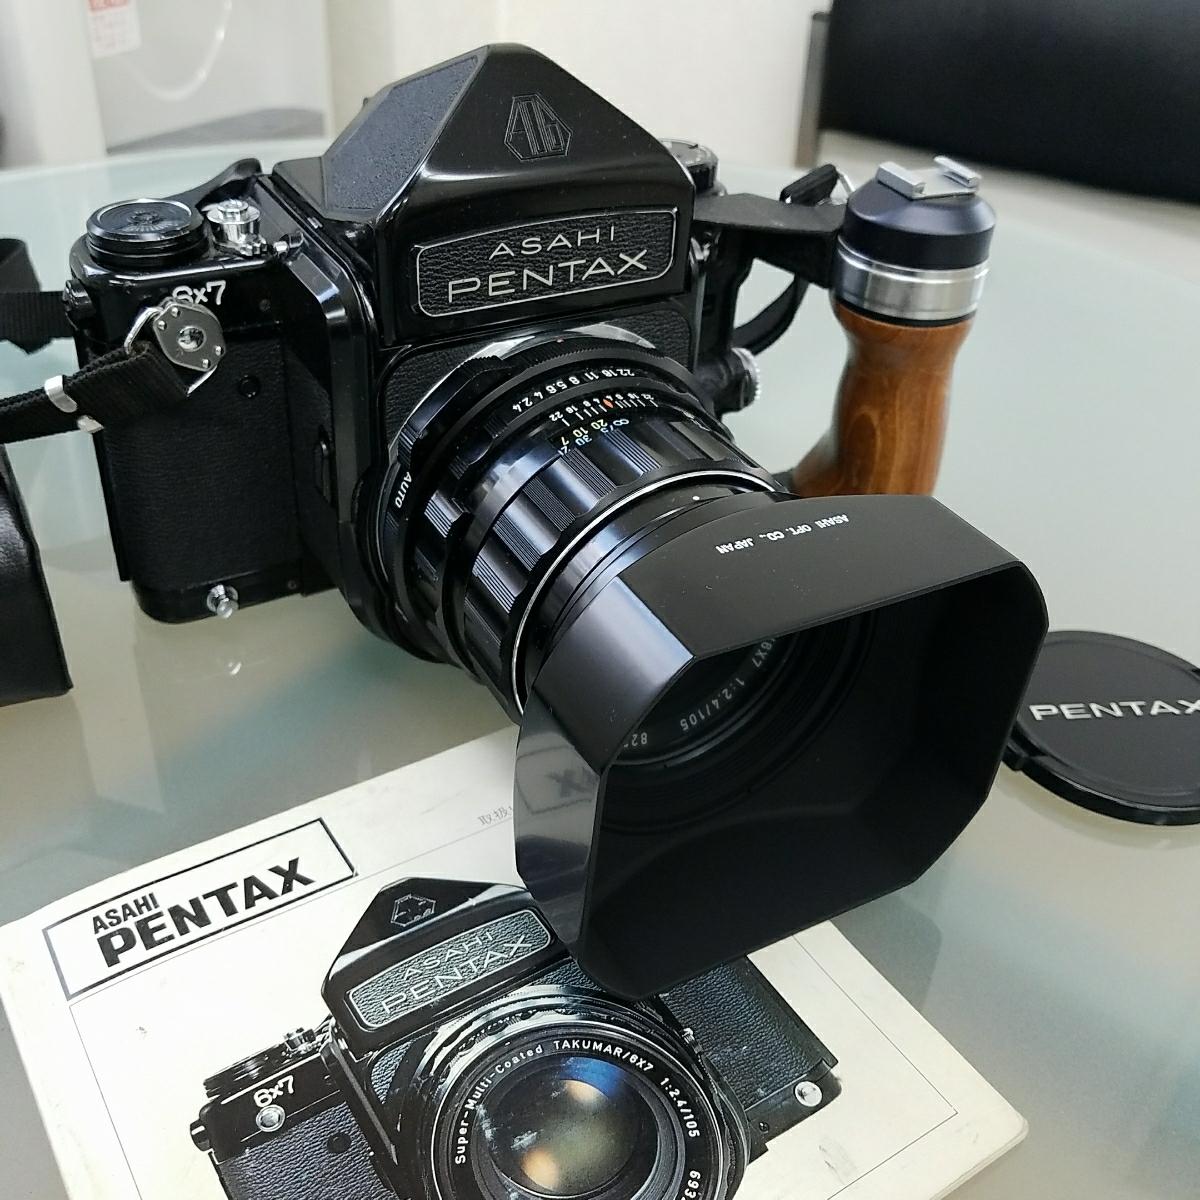 ペンタックス PENTAX 6x7 TAKUMARレンズ付き 中古カメラ ジャンク_画像4